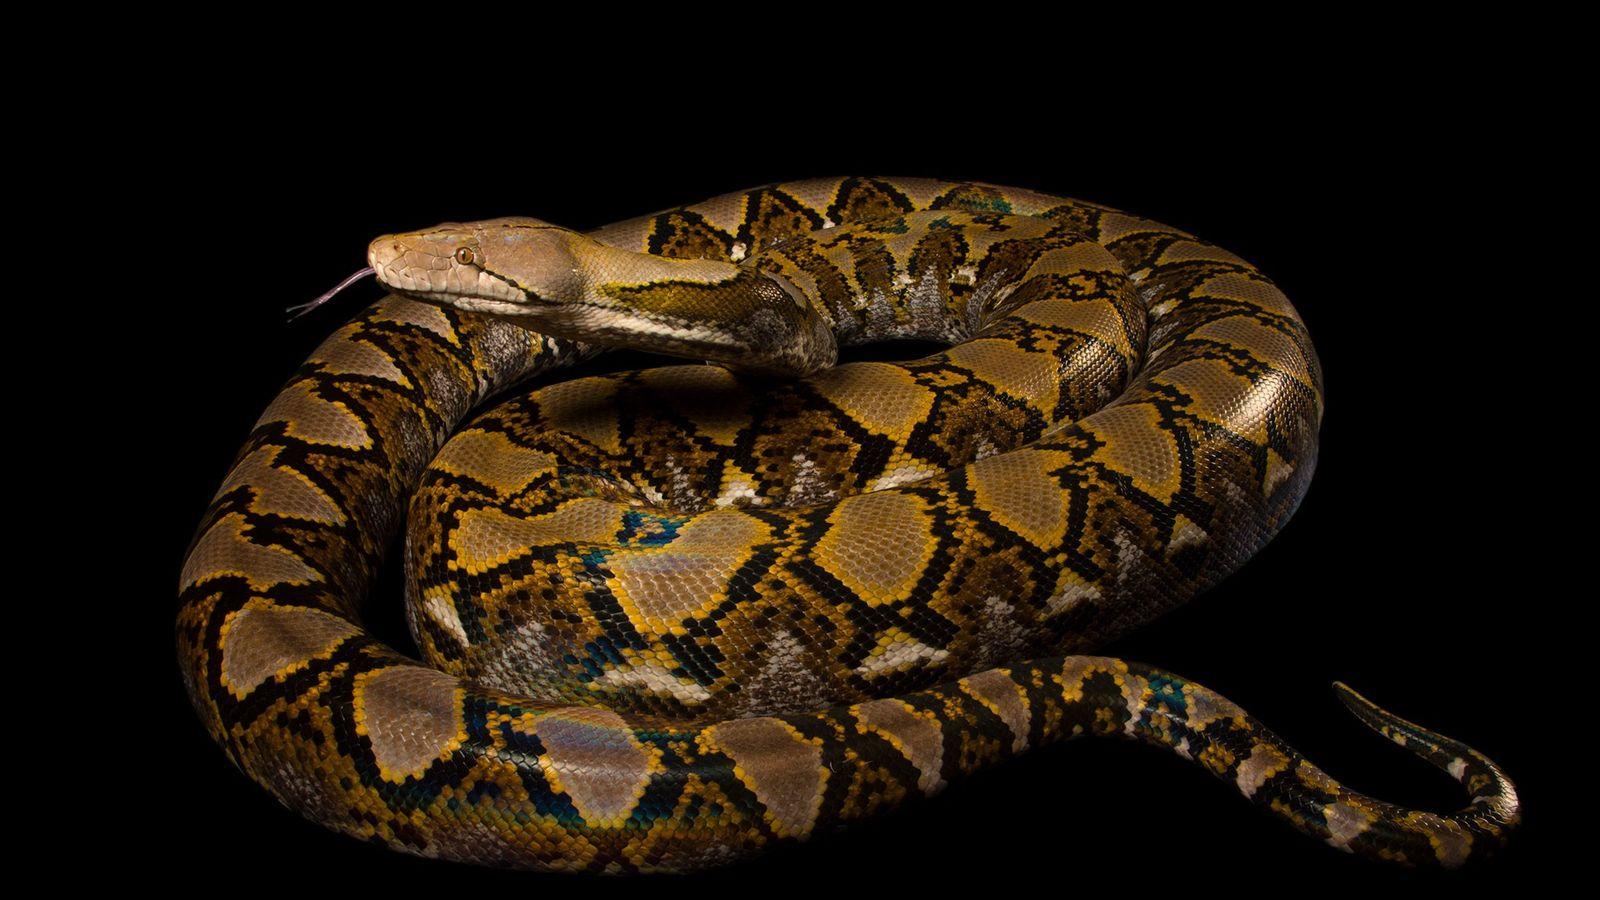 Un python réticulé, de son nom latin Broghammerus reticulatus, photographié au zoo de Naples.